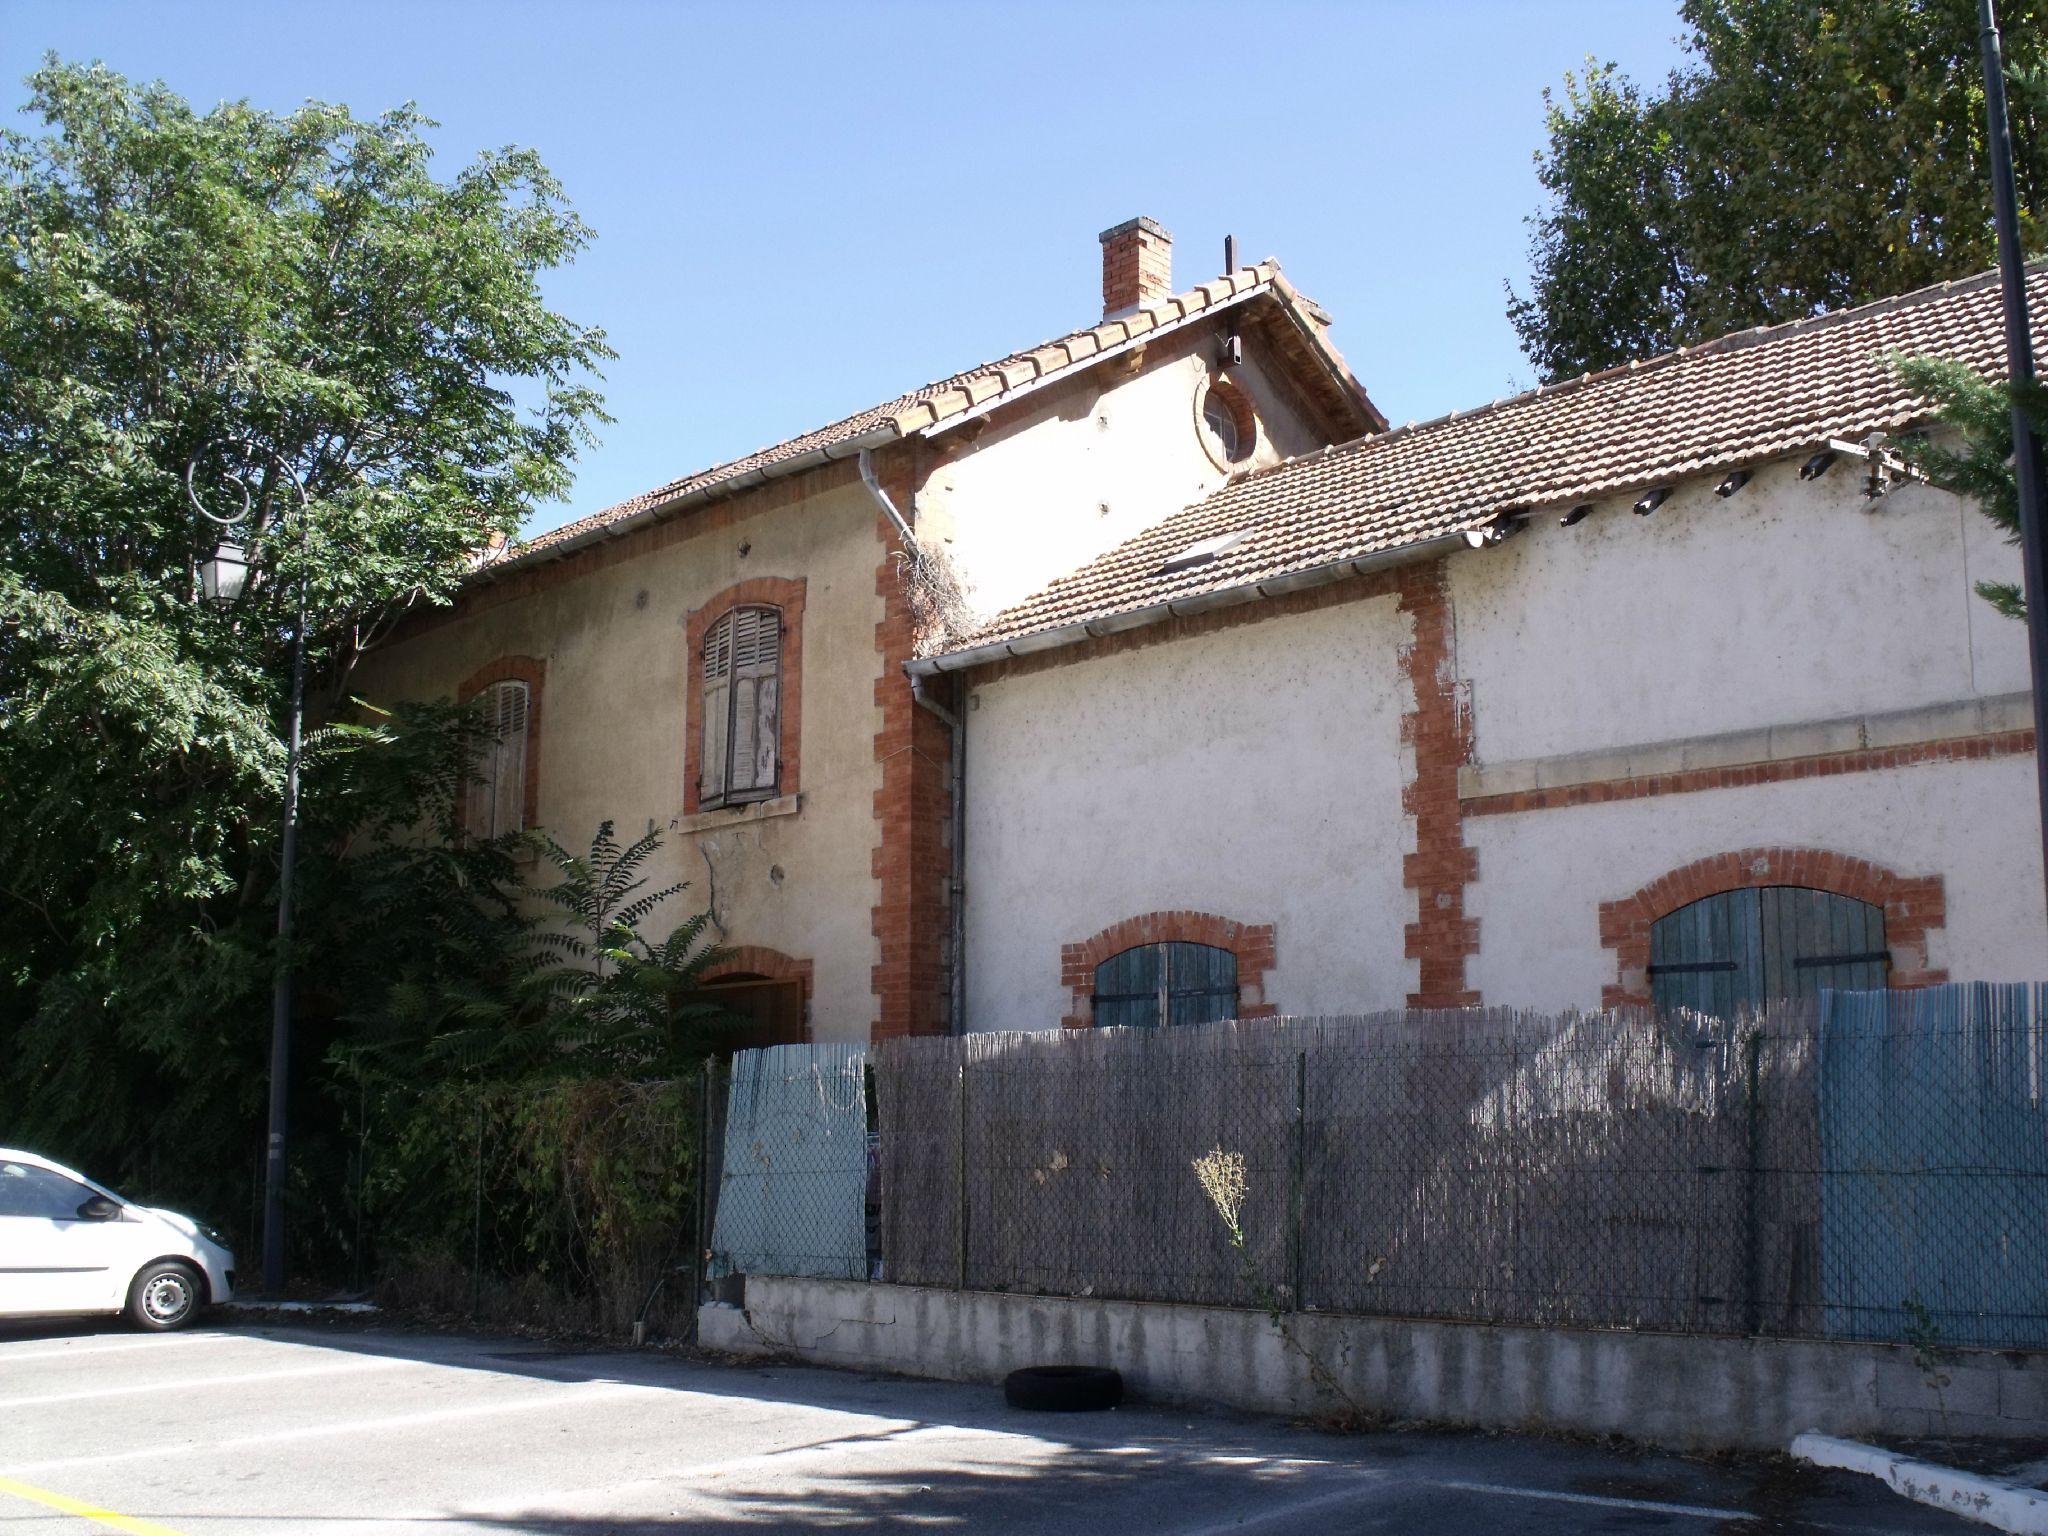 Meyrargues gare de la ligne à voie métrique des Chemins de Fer de Provence (Bouches-du-Rhône)